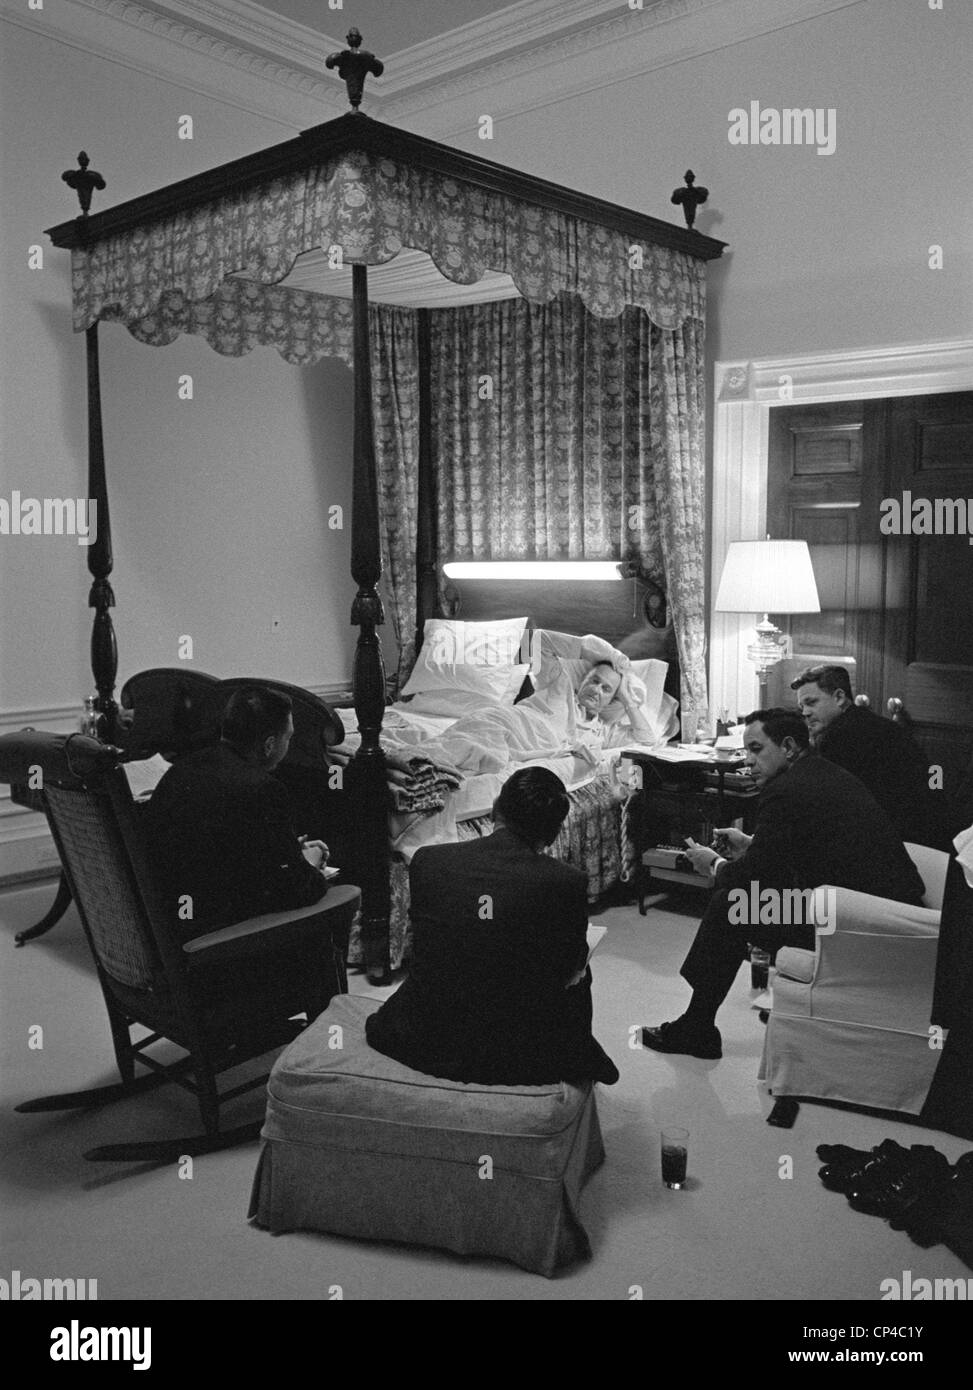 Линдон Джонсон умудрялся руководить Америкой даже лежа в постели. Иногда он вскакивал среди ночи чтобы отдать распоряжения о бомбардировках Вьетнама.